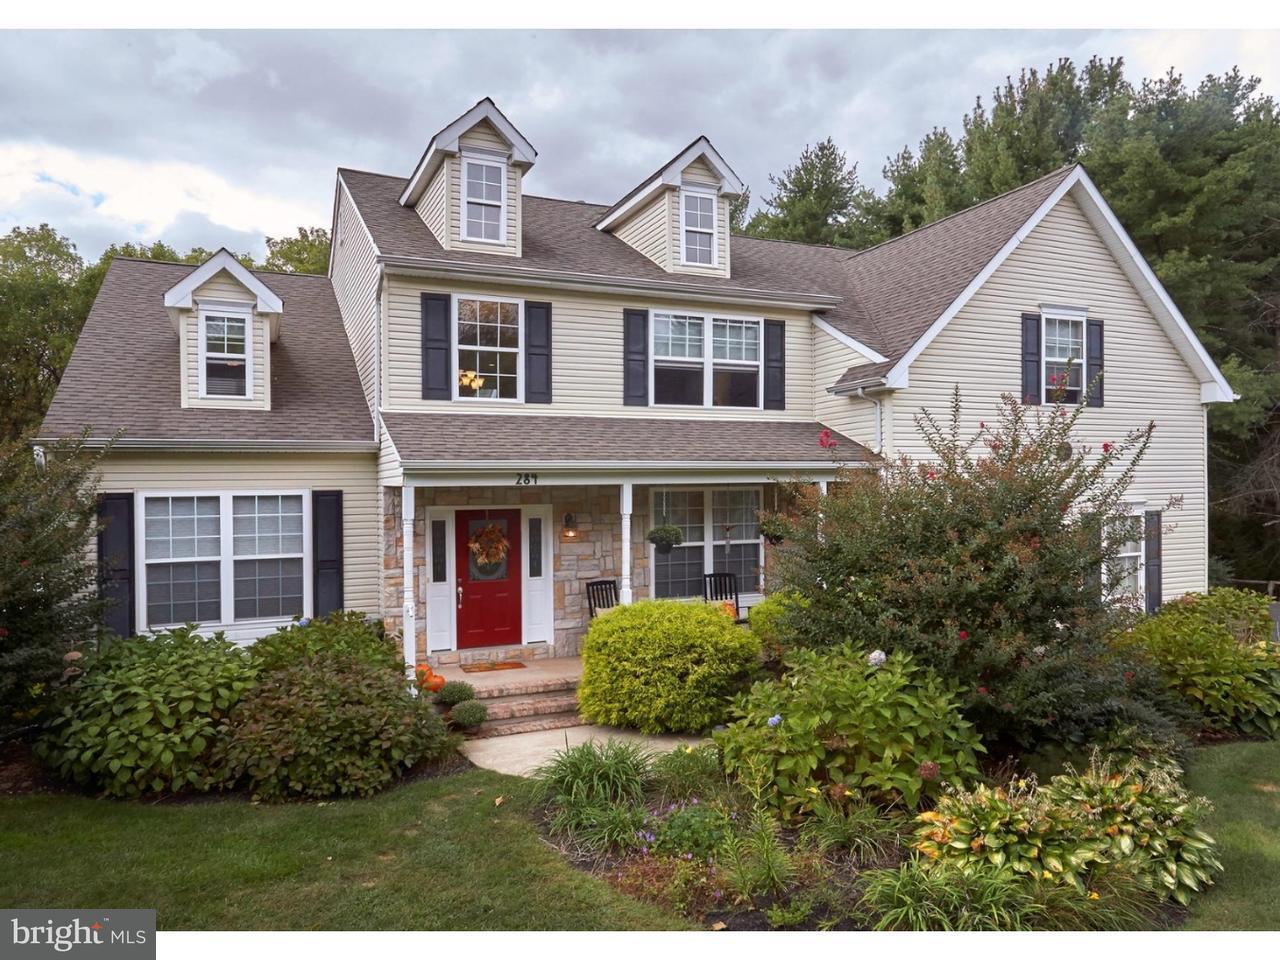 Casa Unifamiliar por un Venta en 284 SYKESVILLE Road Chesterfield, Nueva Jersey 08515 Estados UnidosEn/Alrededor: Chesterfield Township